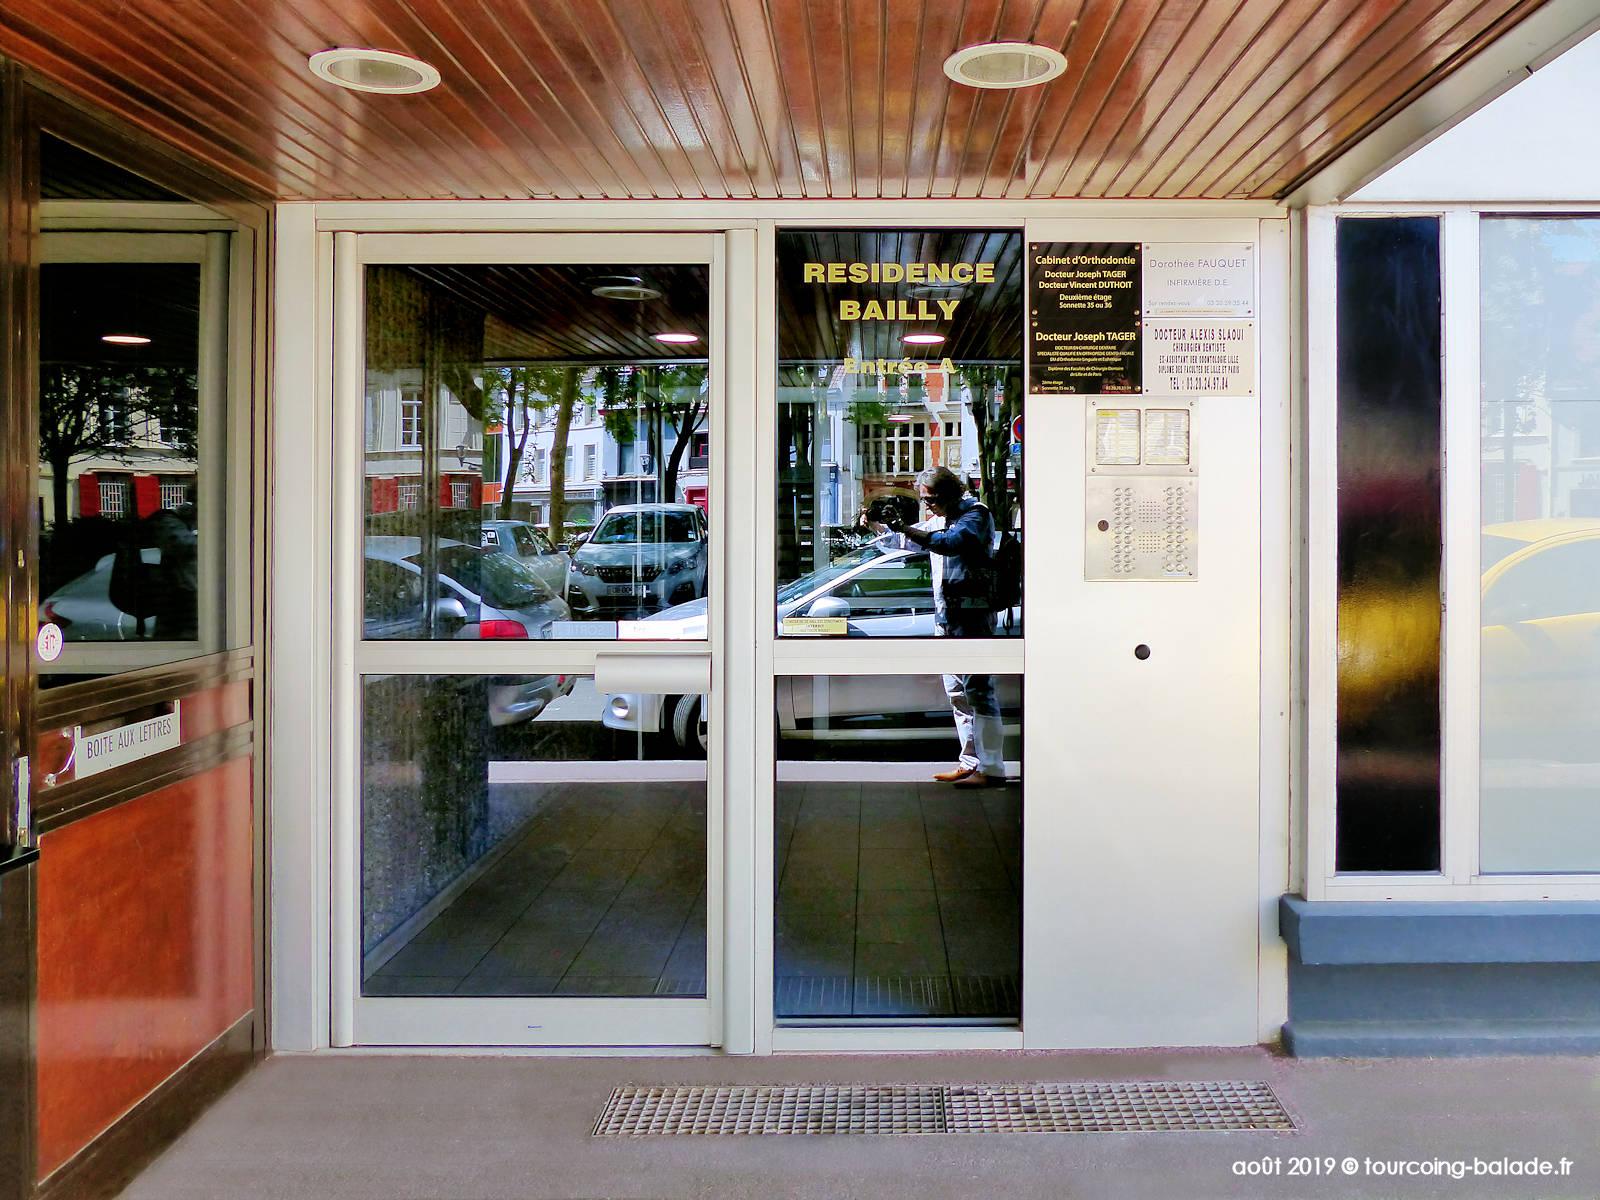 Porte d'entrée de la Résidence Bailly, Tourcoing 2019